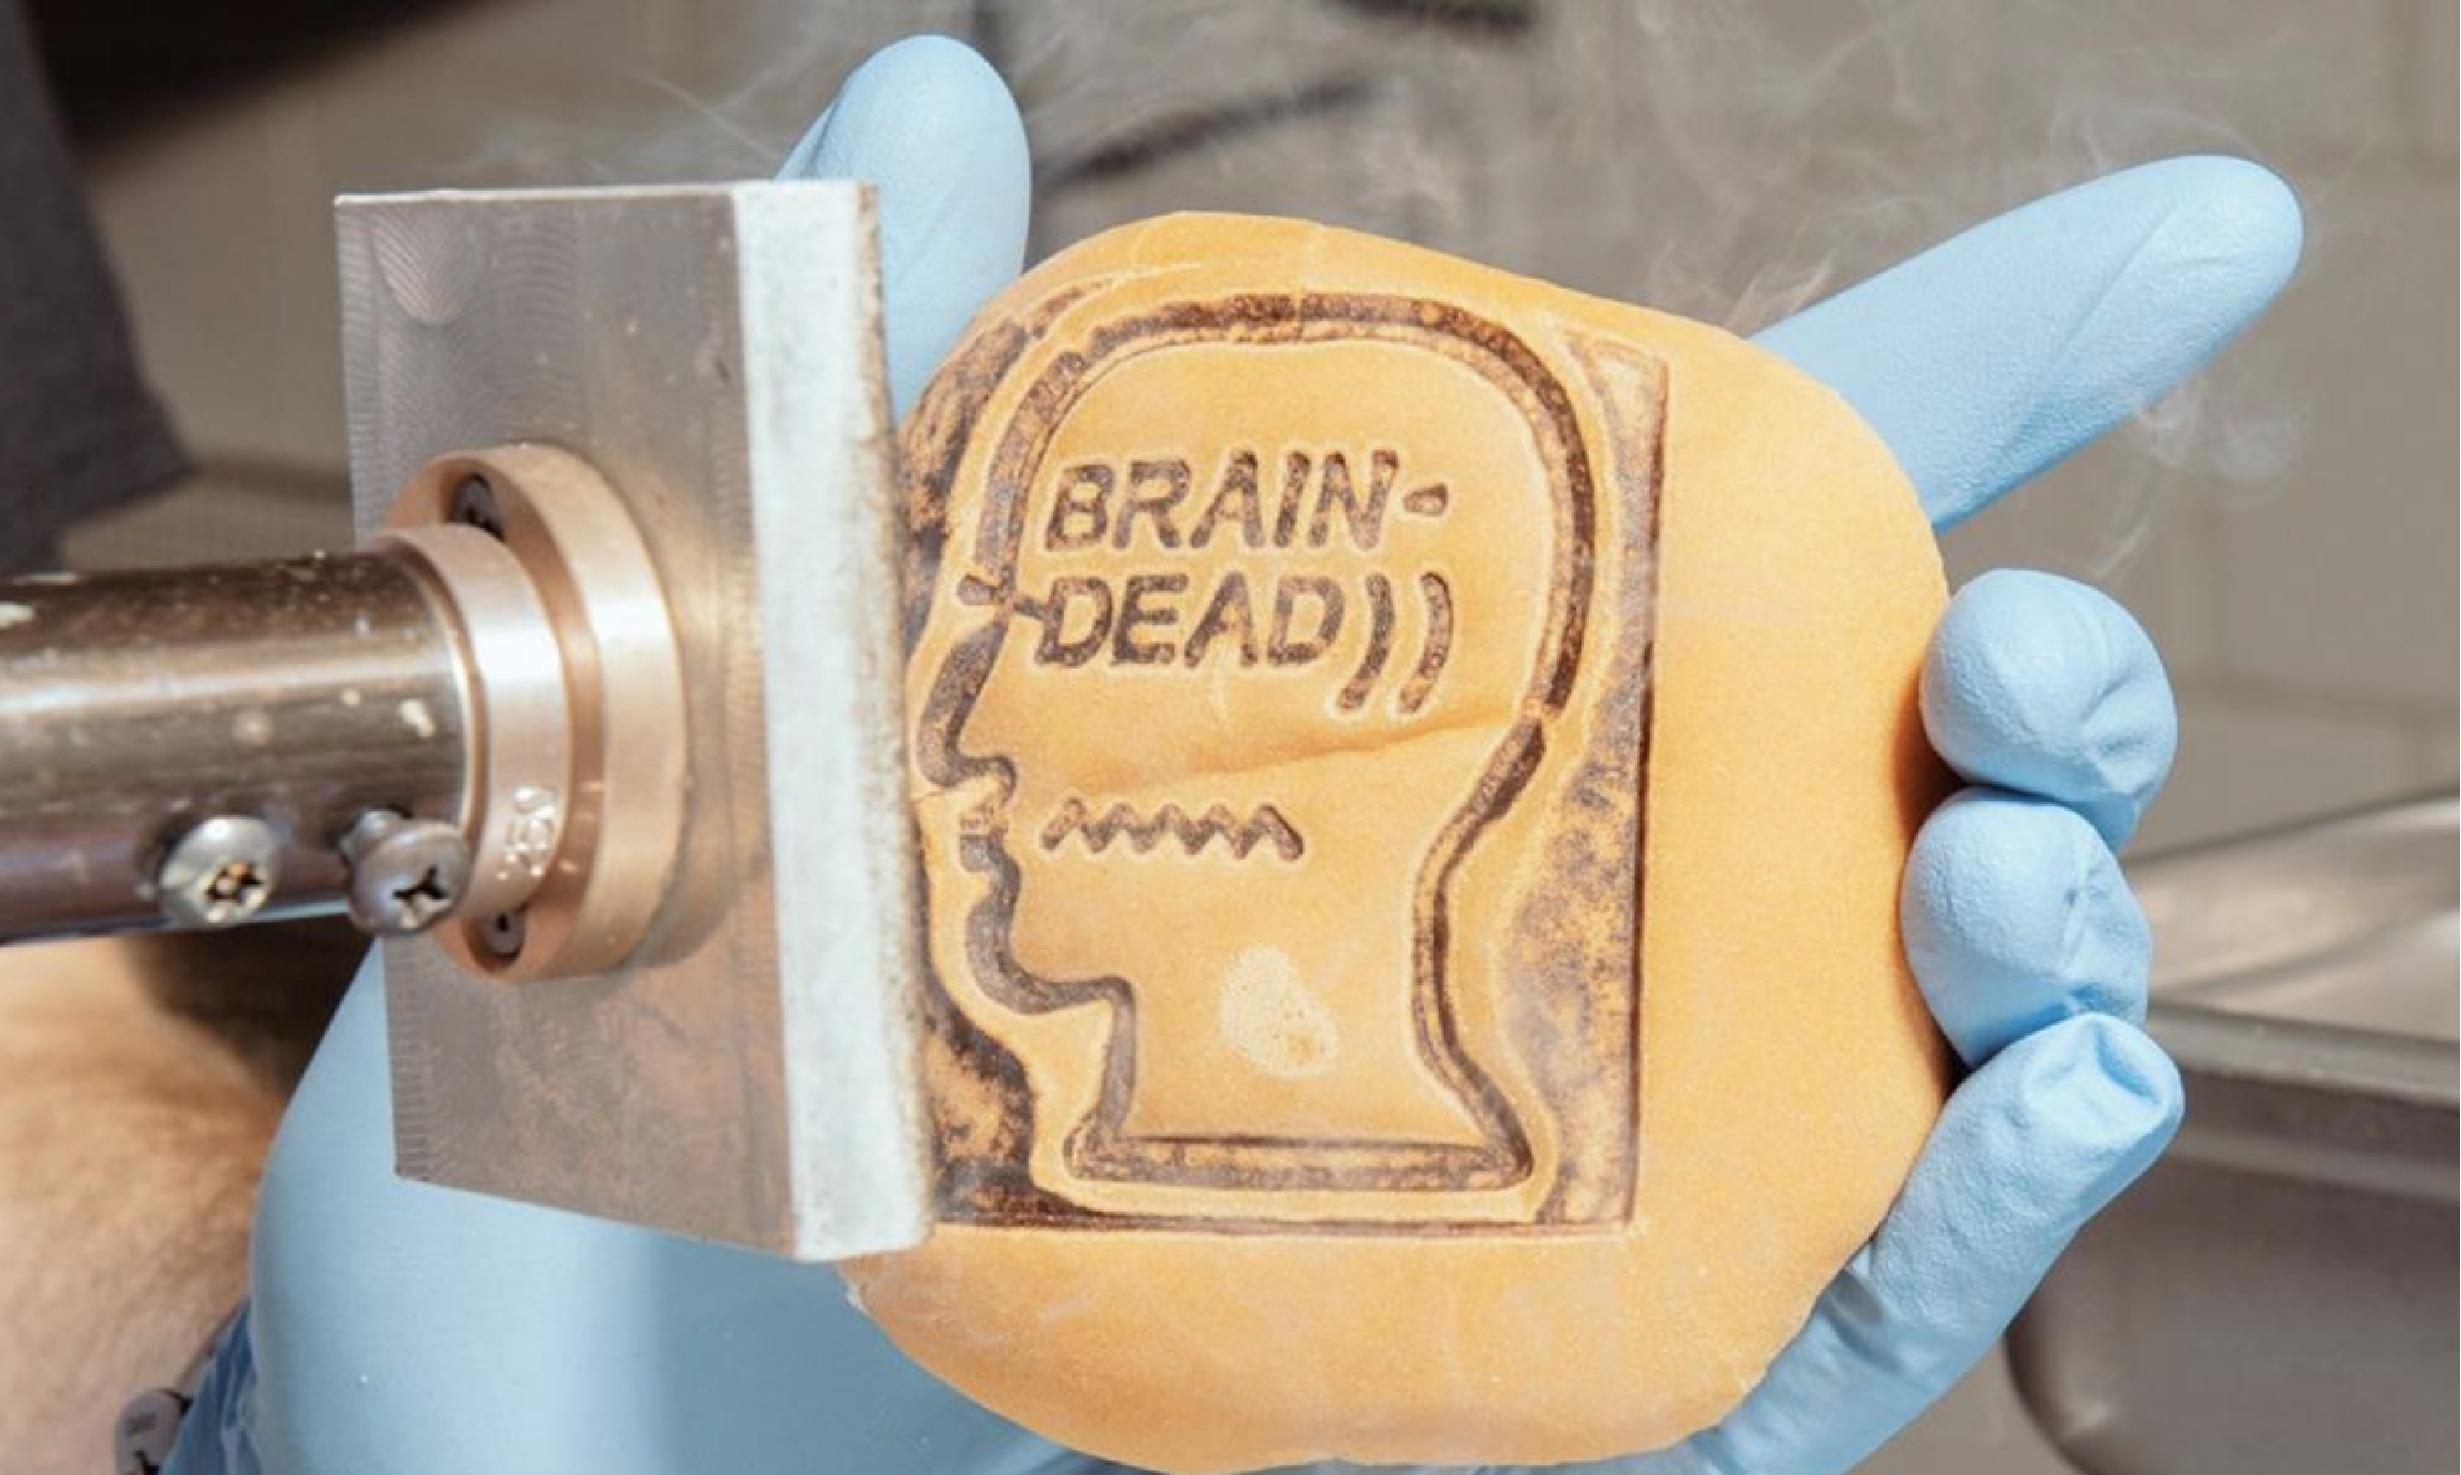 Brain Dead 将印花做到了汉堡上